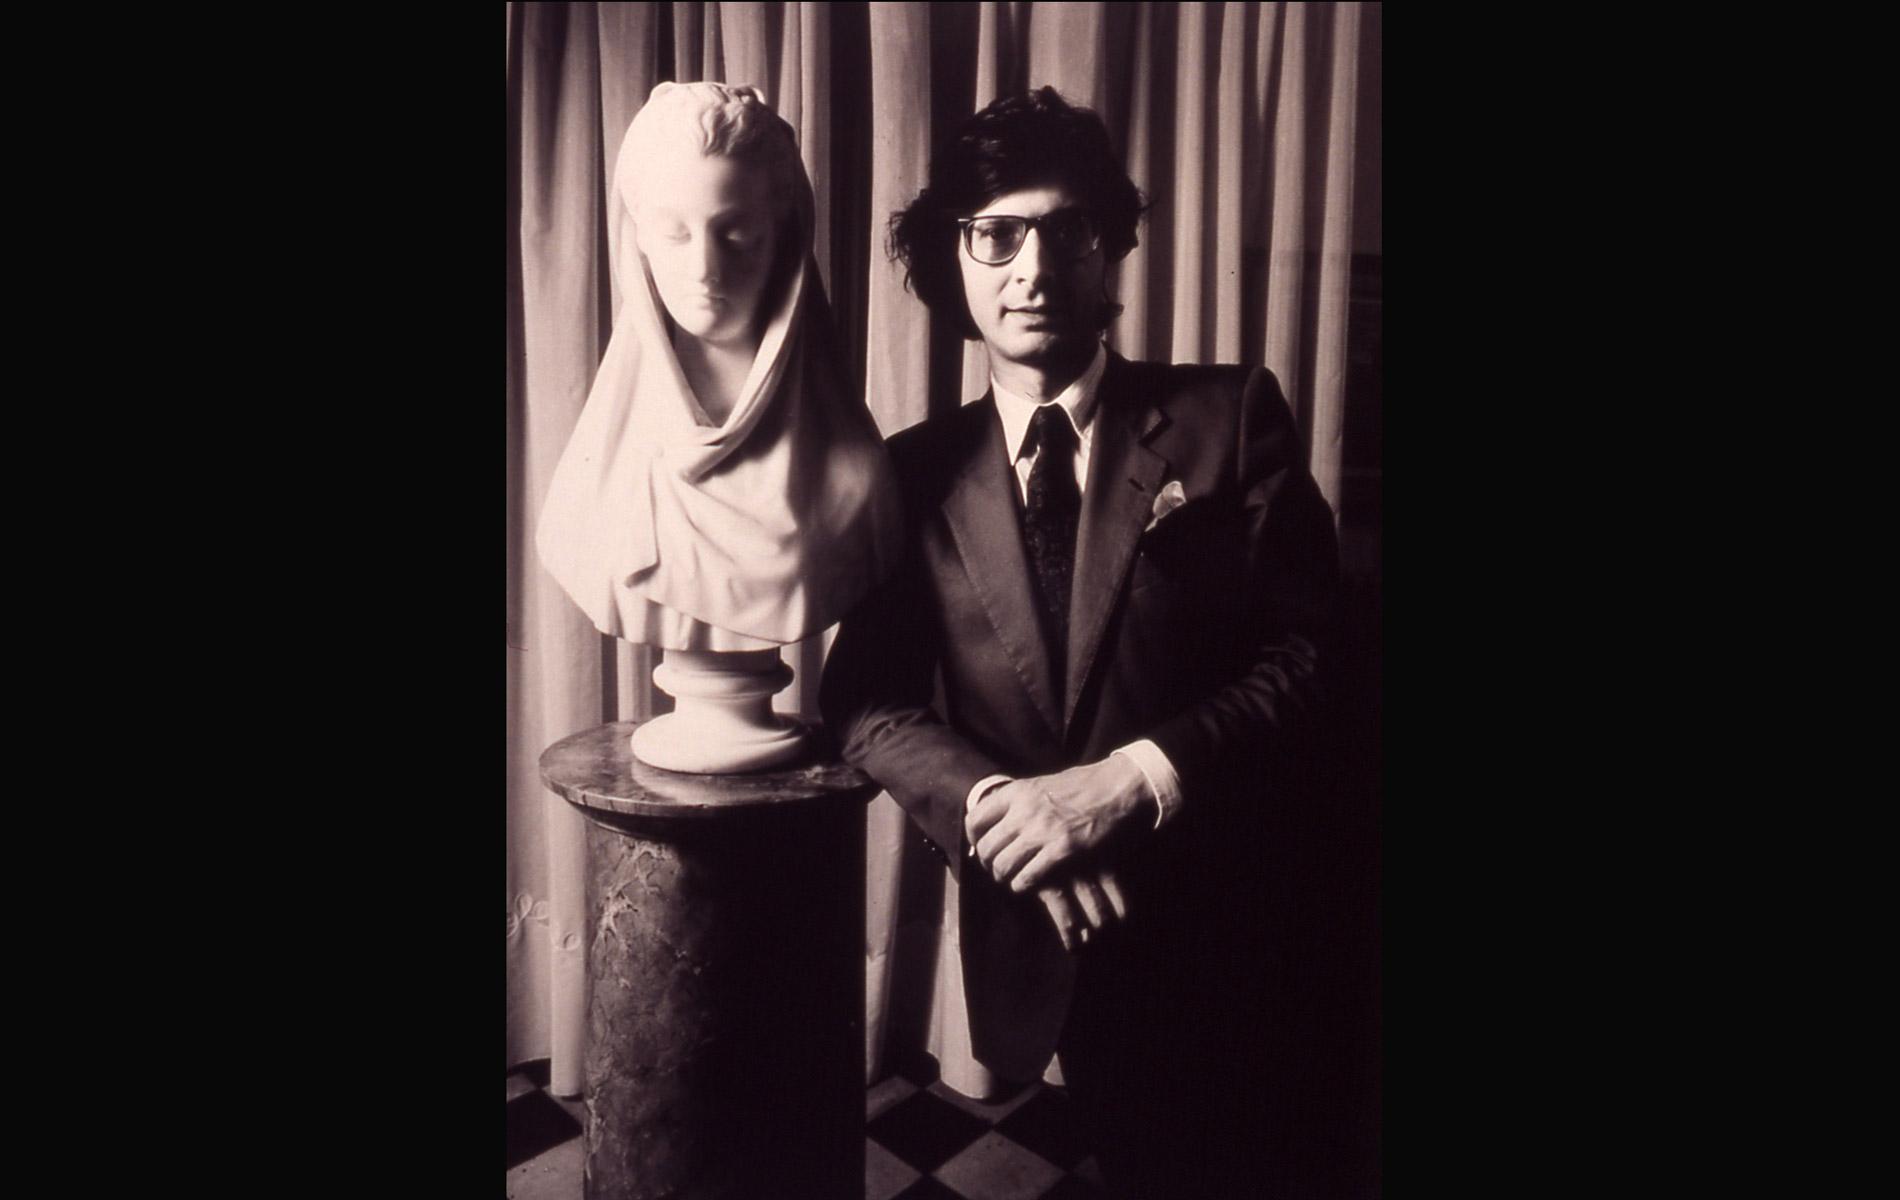 VITTORIO SGARBI - Italian Art Critic - Portraits Exhibition - © Graziano Villa